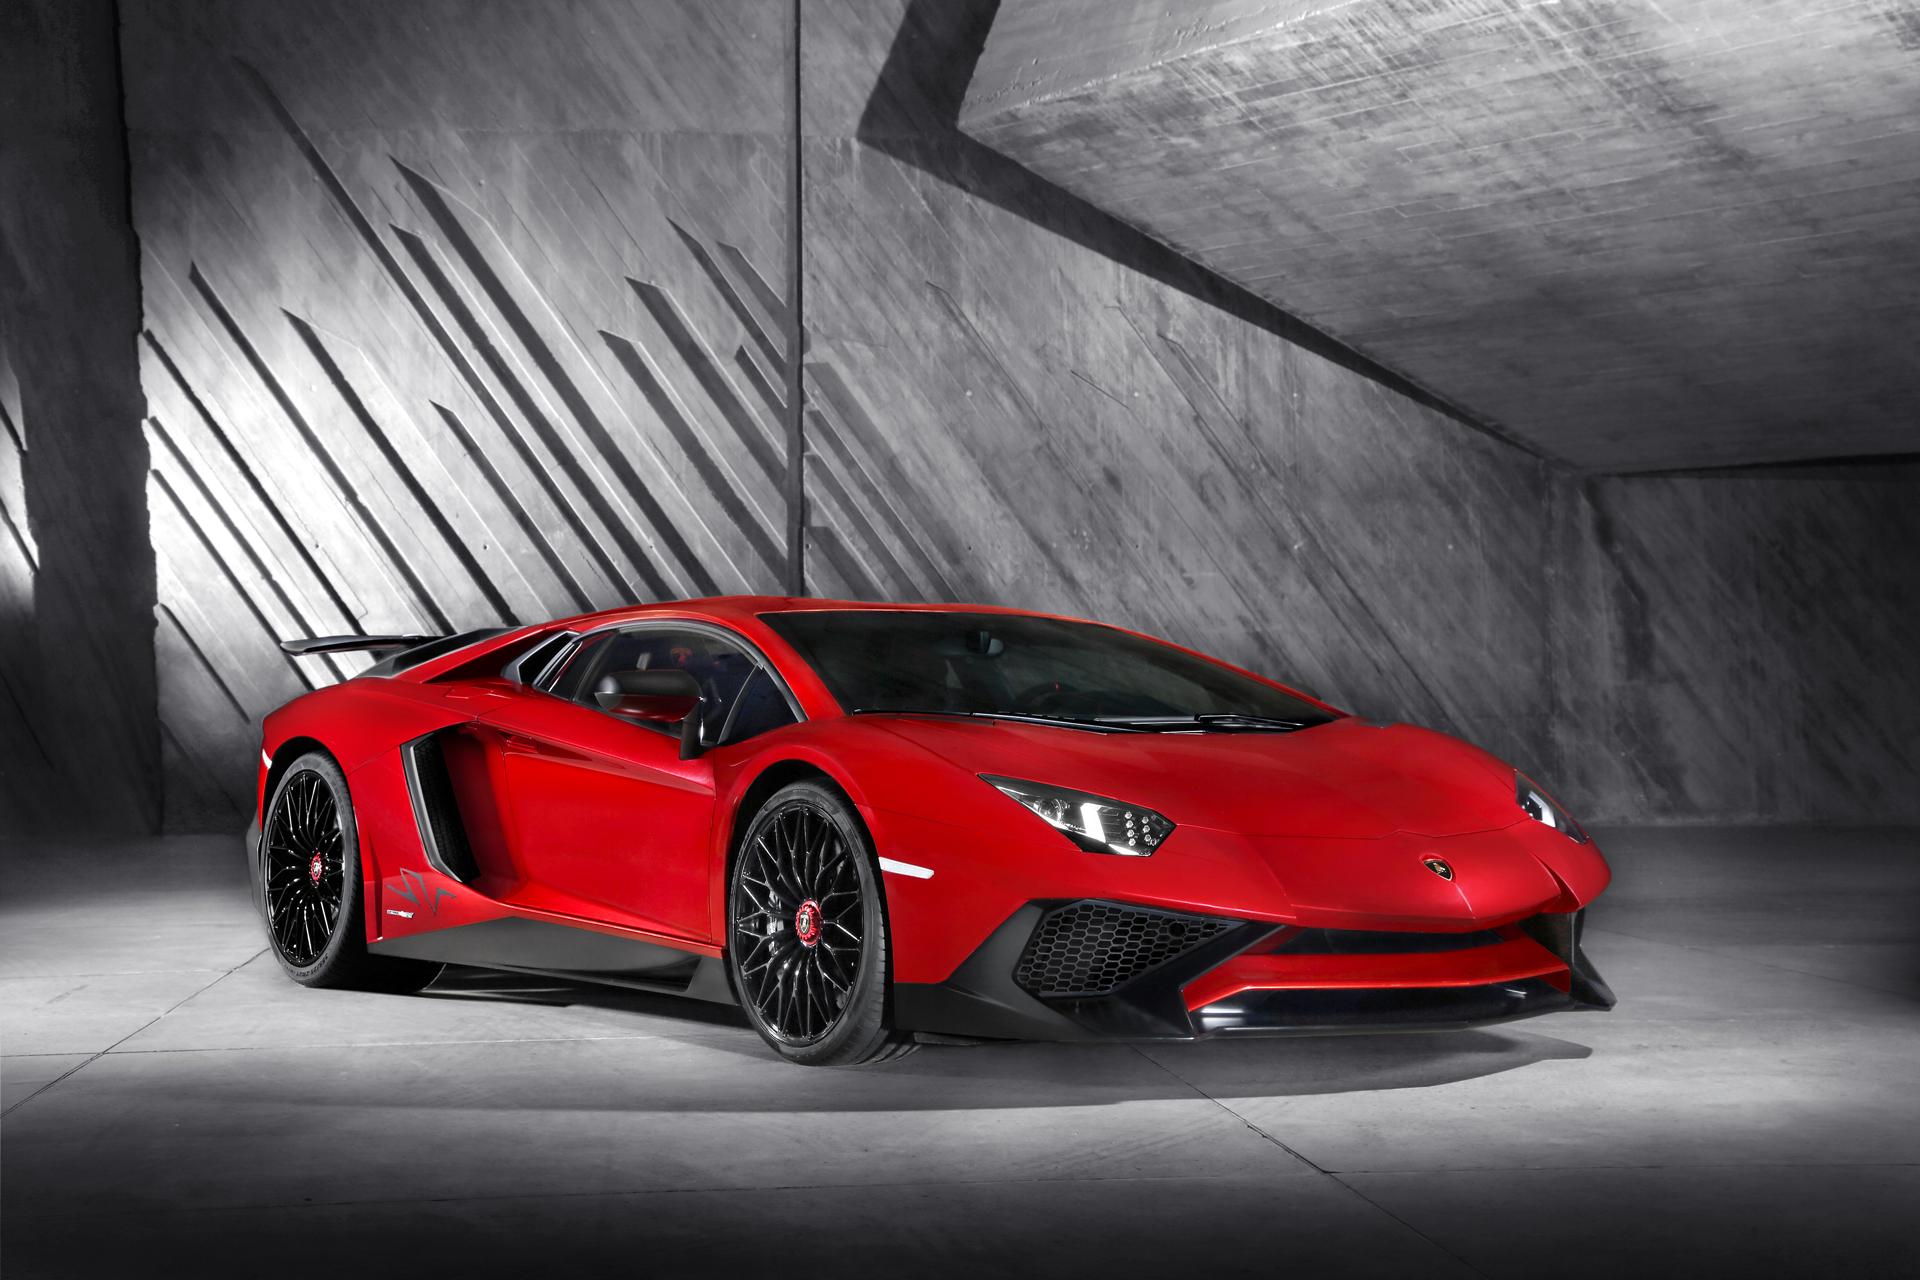 Lamborghini LP750-4 Superveloce - profil avant